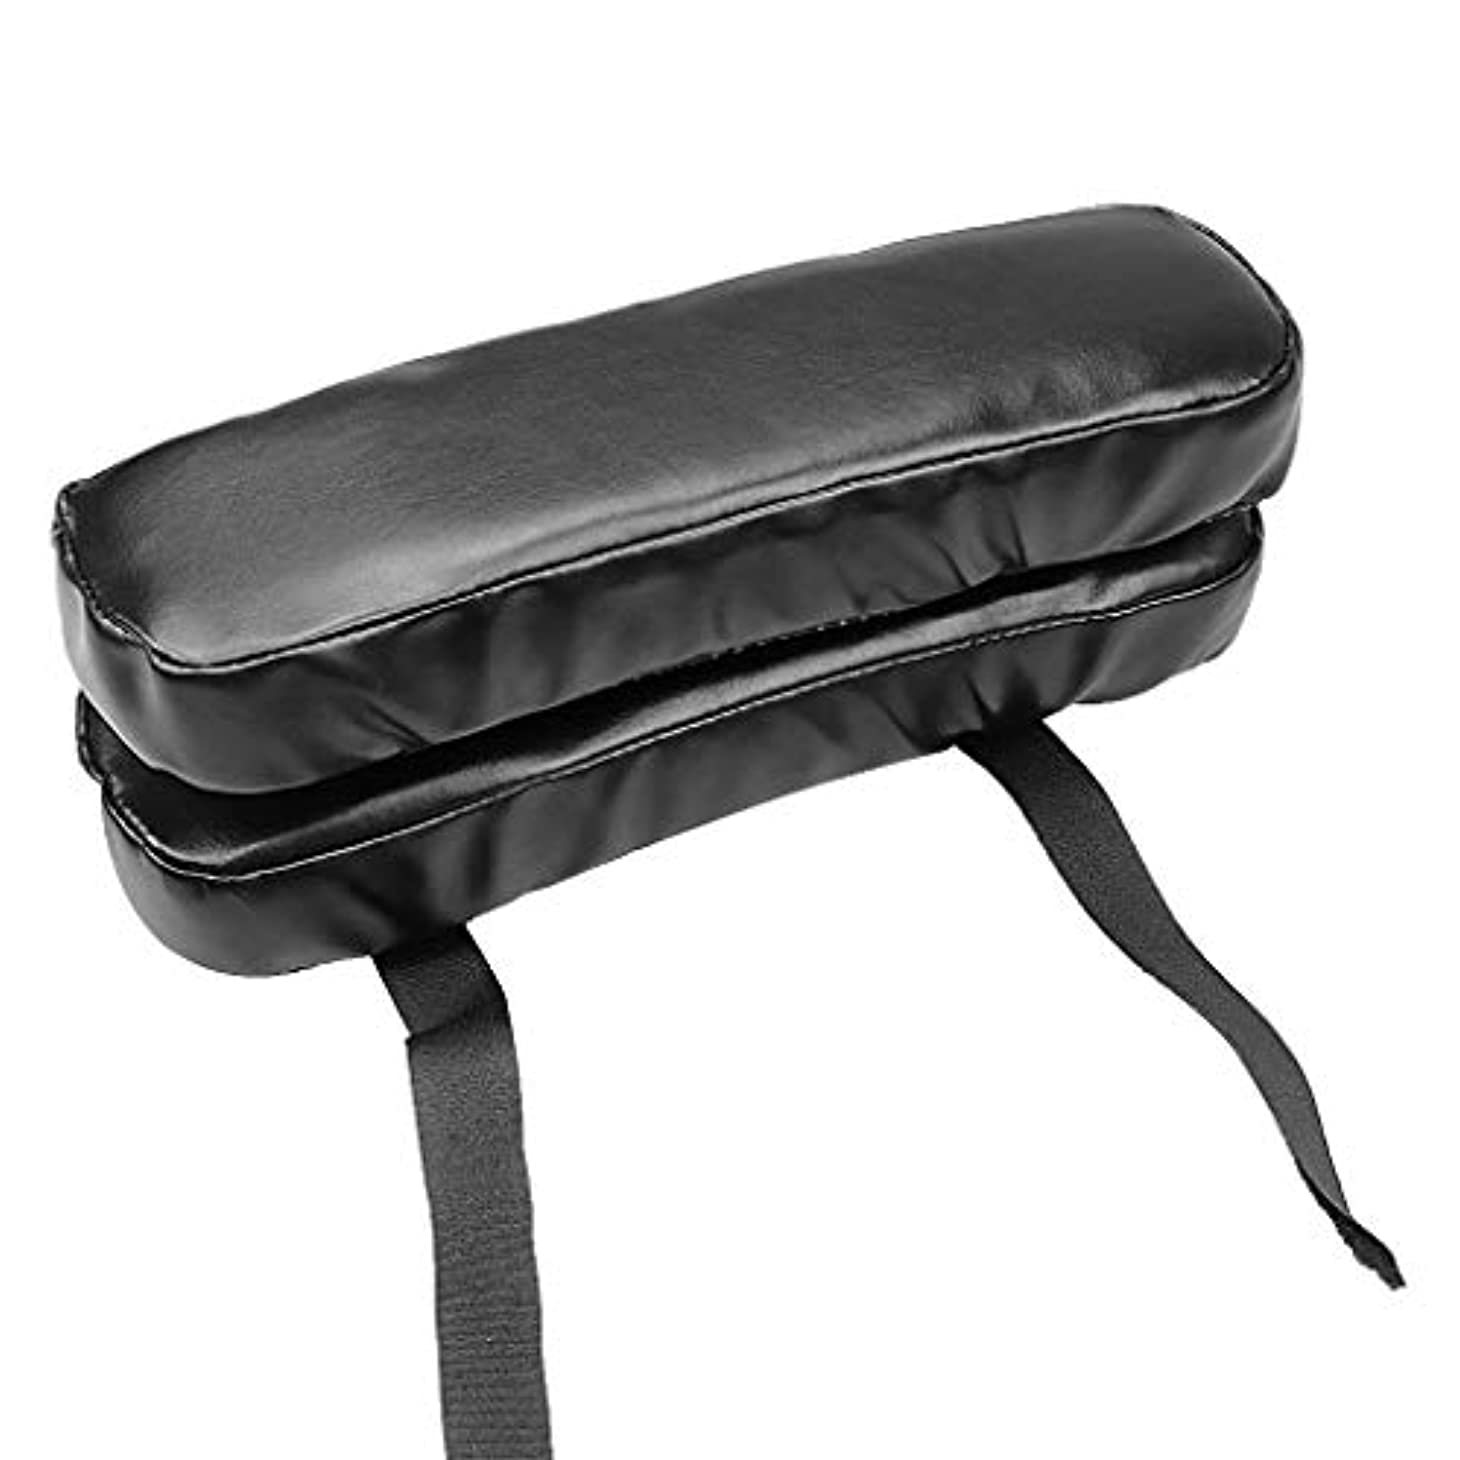 九用語集プレミアLamdoo puレザーチェアアームレストパッドクッション低反発ソフト反発肘肘枕オフィス車の椅子